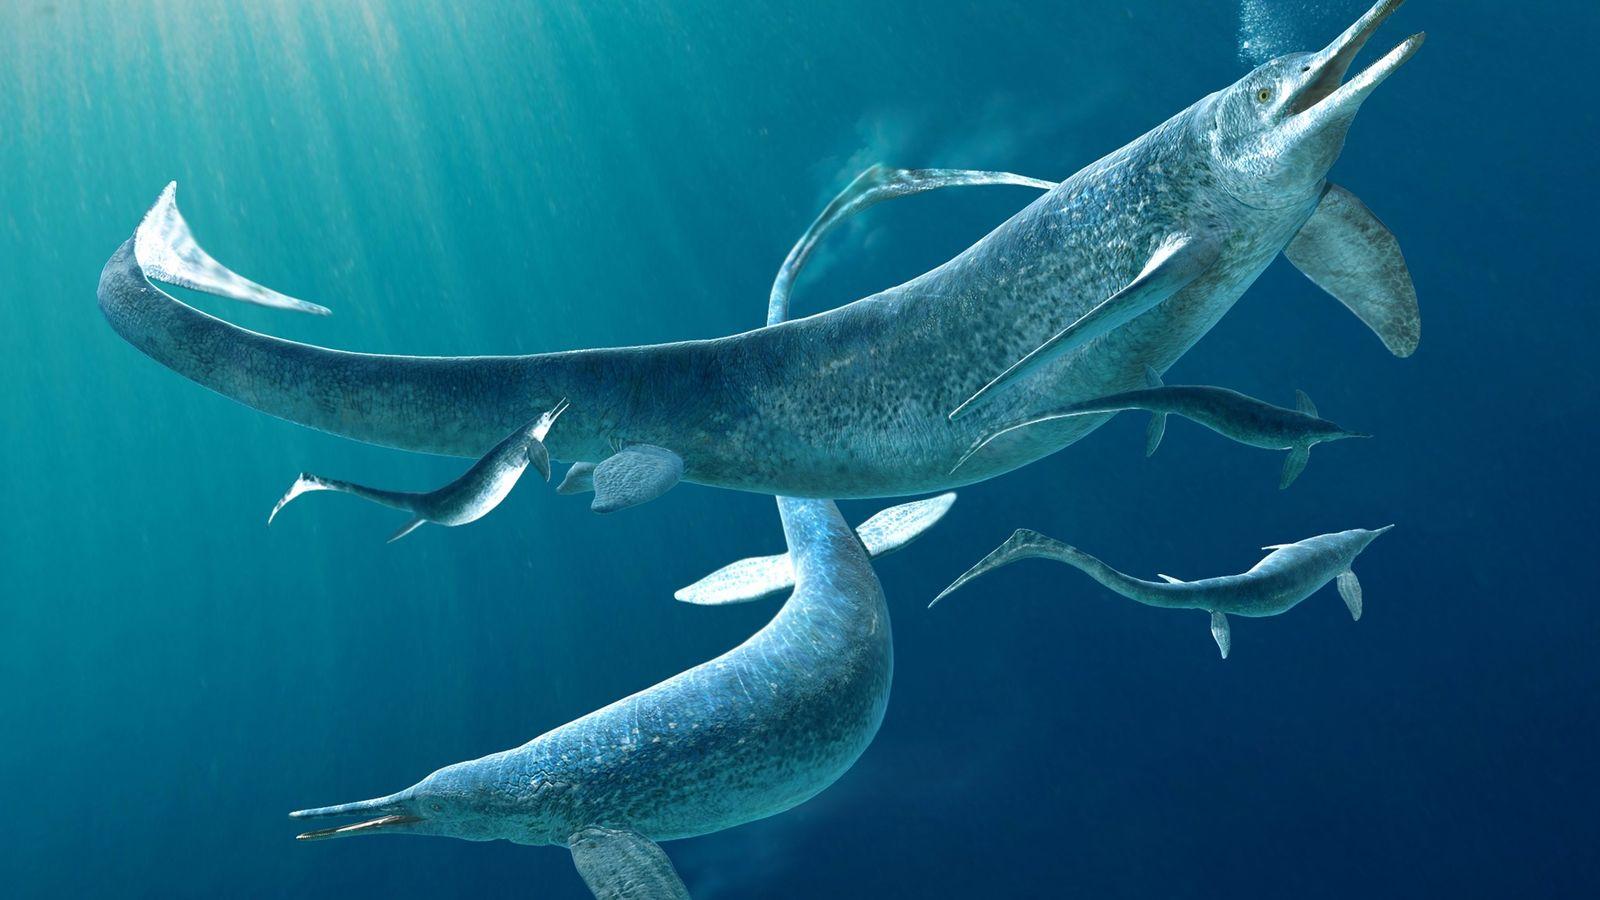 Cette illustration représente un groupe de Besanosaurus, un genre d'ichtyosaures. Il s'agit d'anciens reptiles marins qui ...